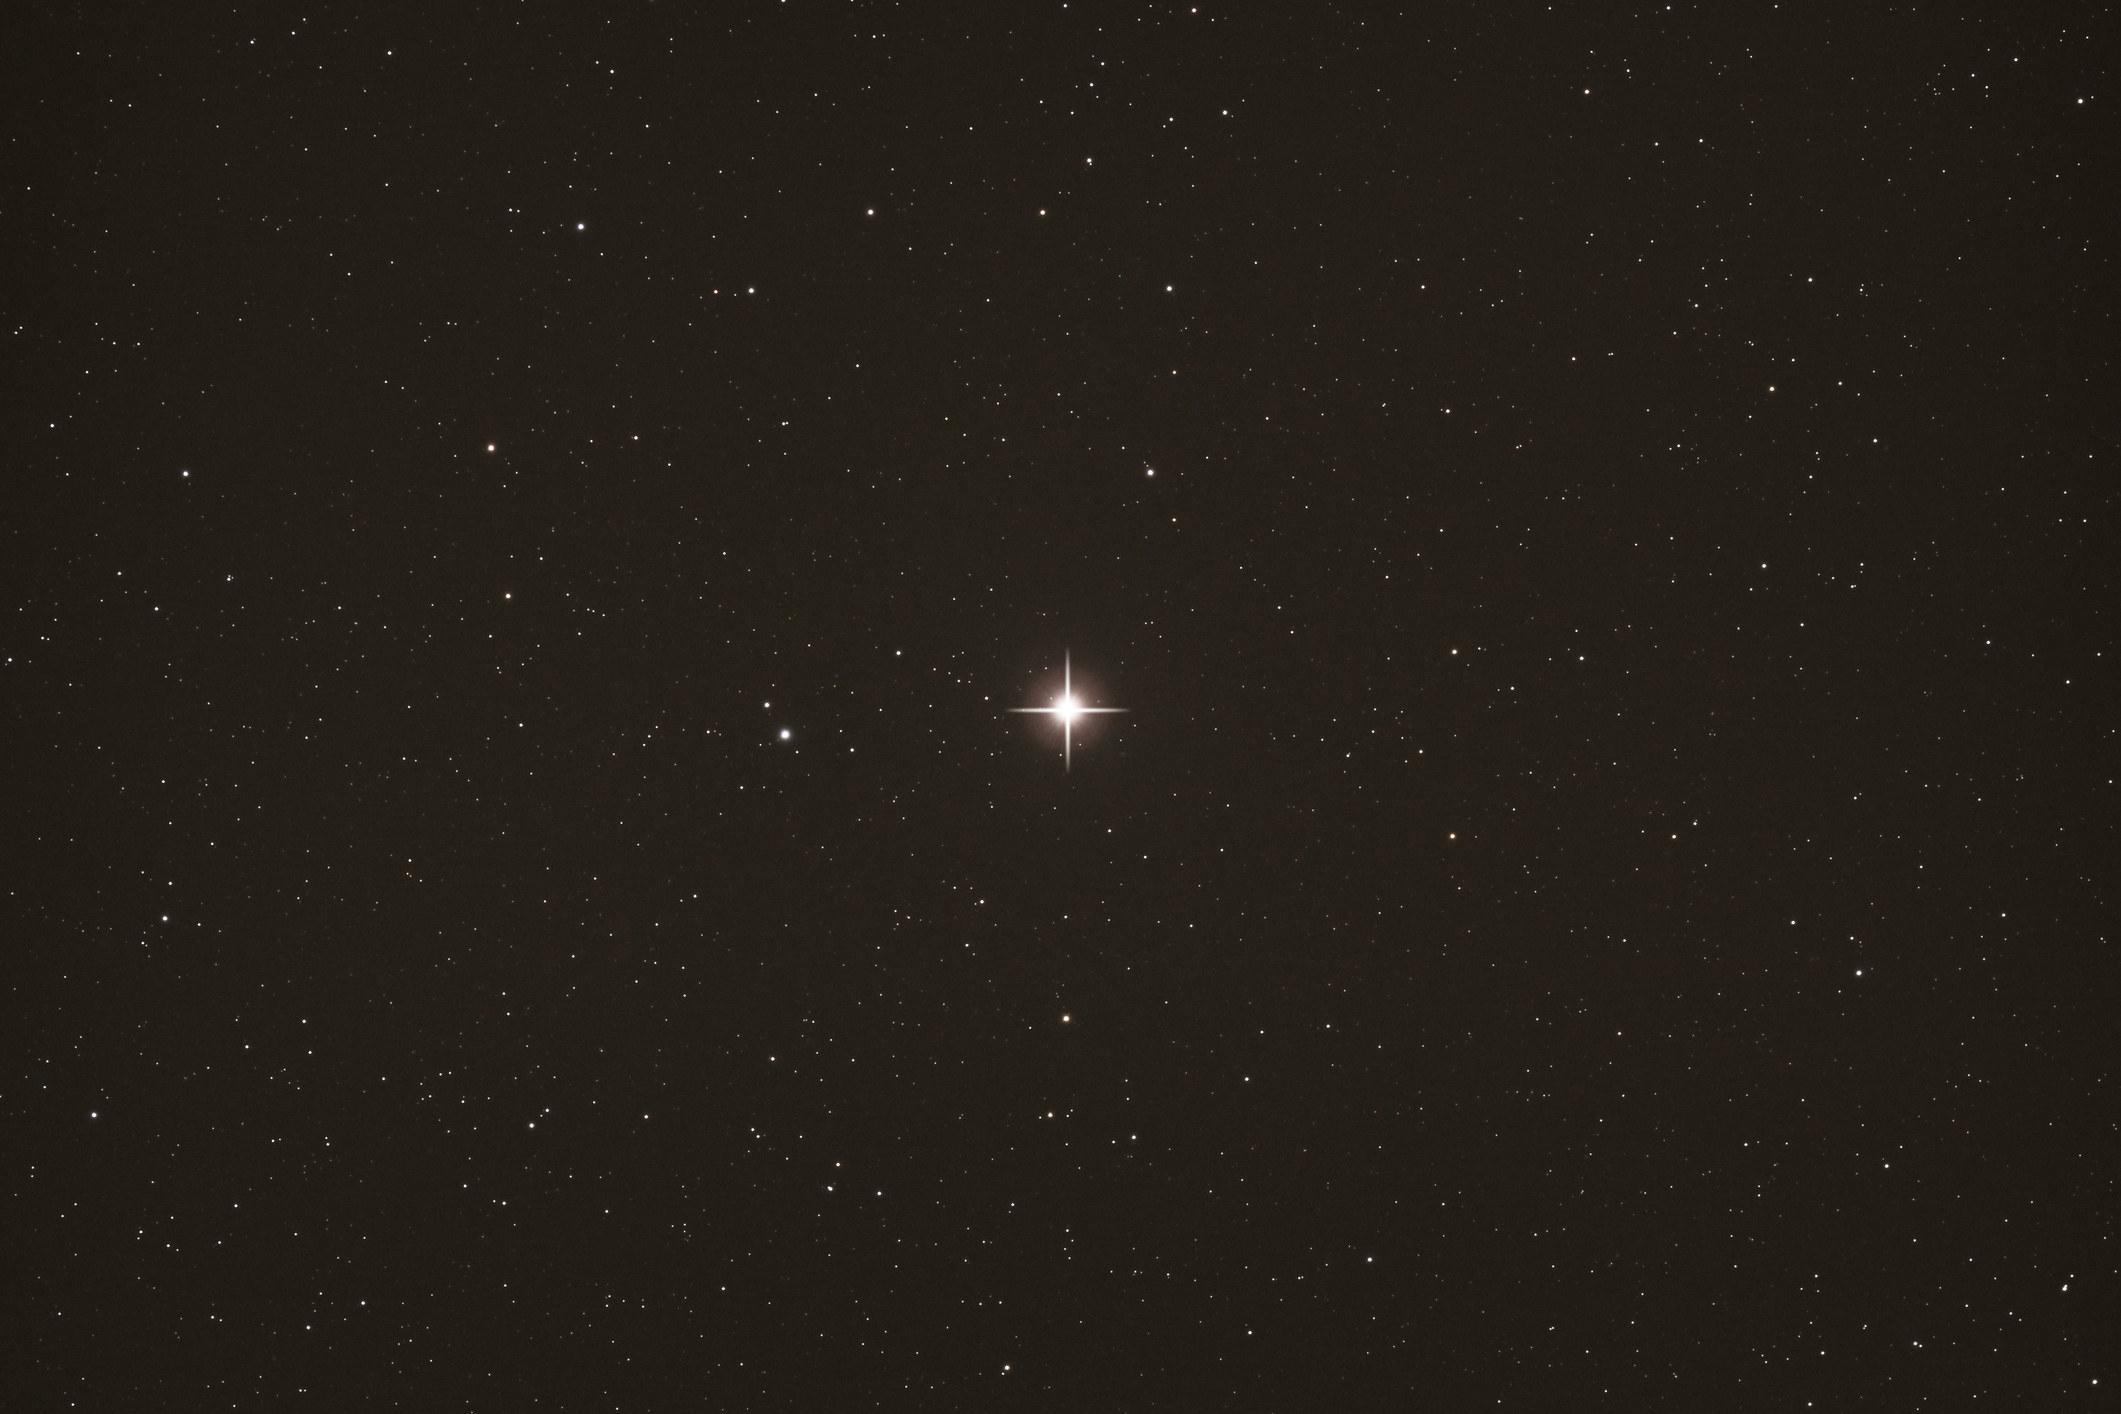 Polaris shining brightly in the night sky